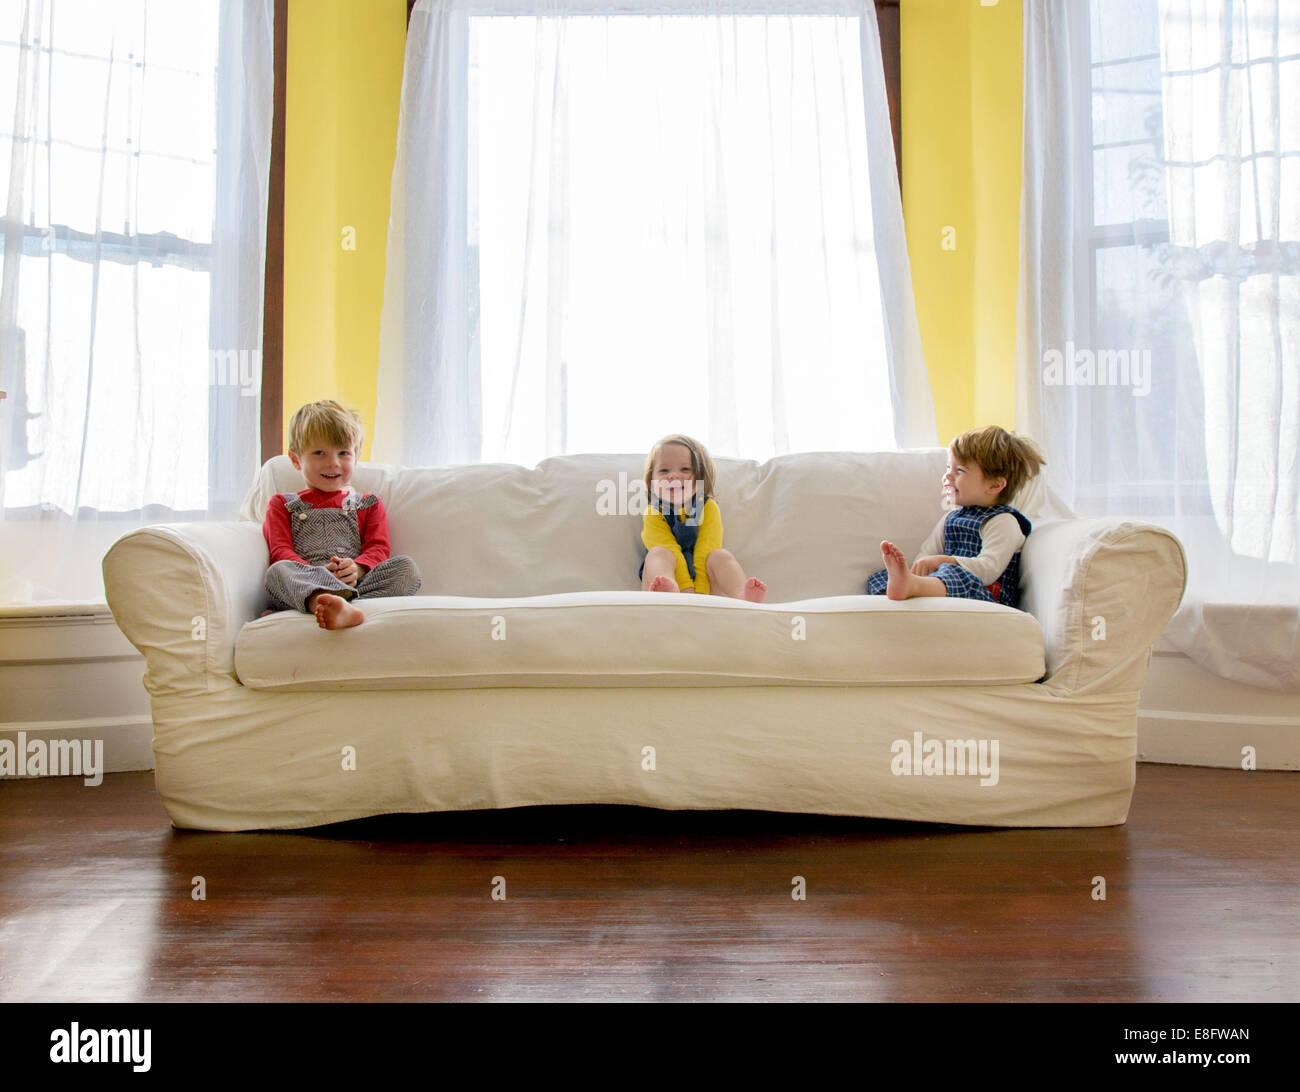 Los niños ( 2-3, 4-5 ) sentado en el sofá Imagen De Stock